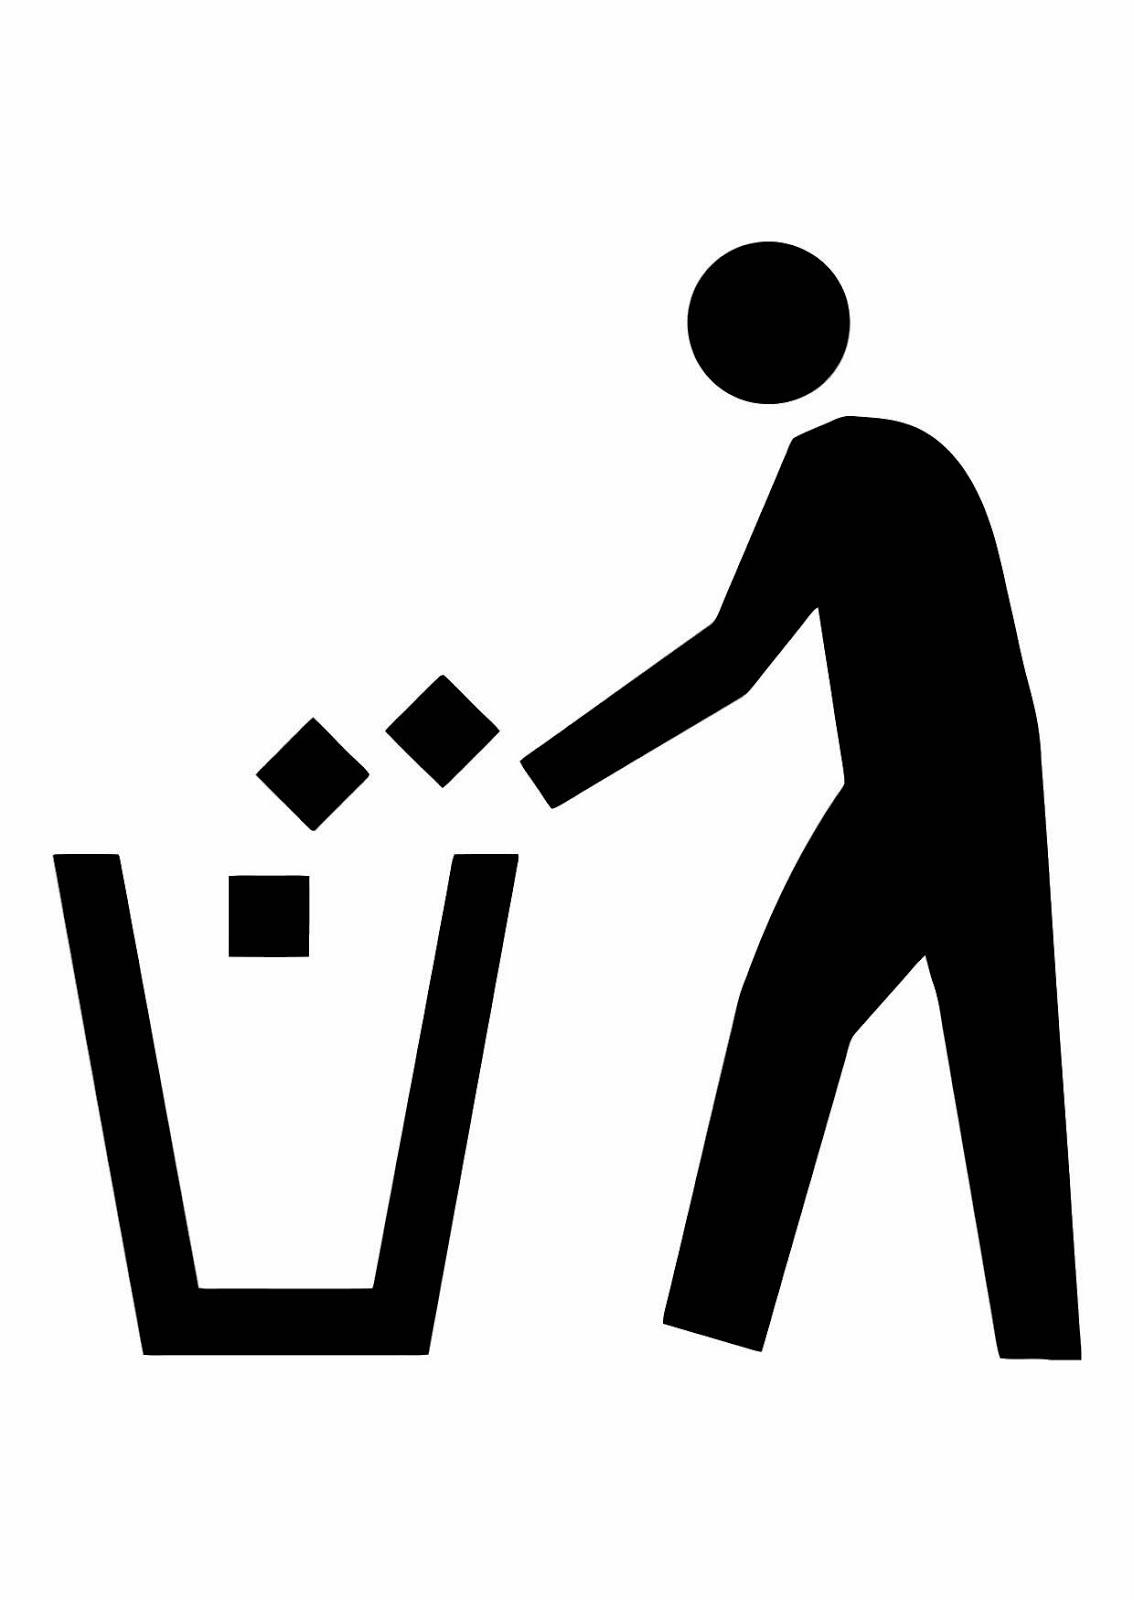 Buang Sampah Pada Tempatnya Logo : buang, sampah, tempatnya, Buanglah, Sampah, Tempatnya